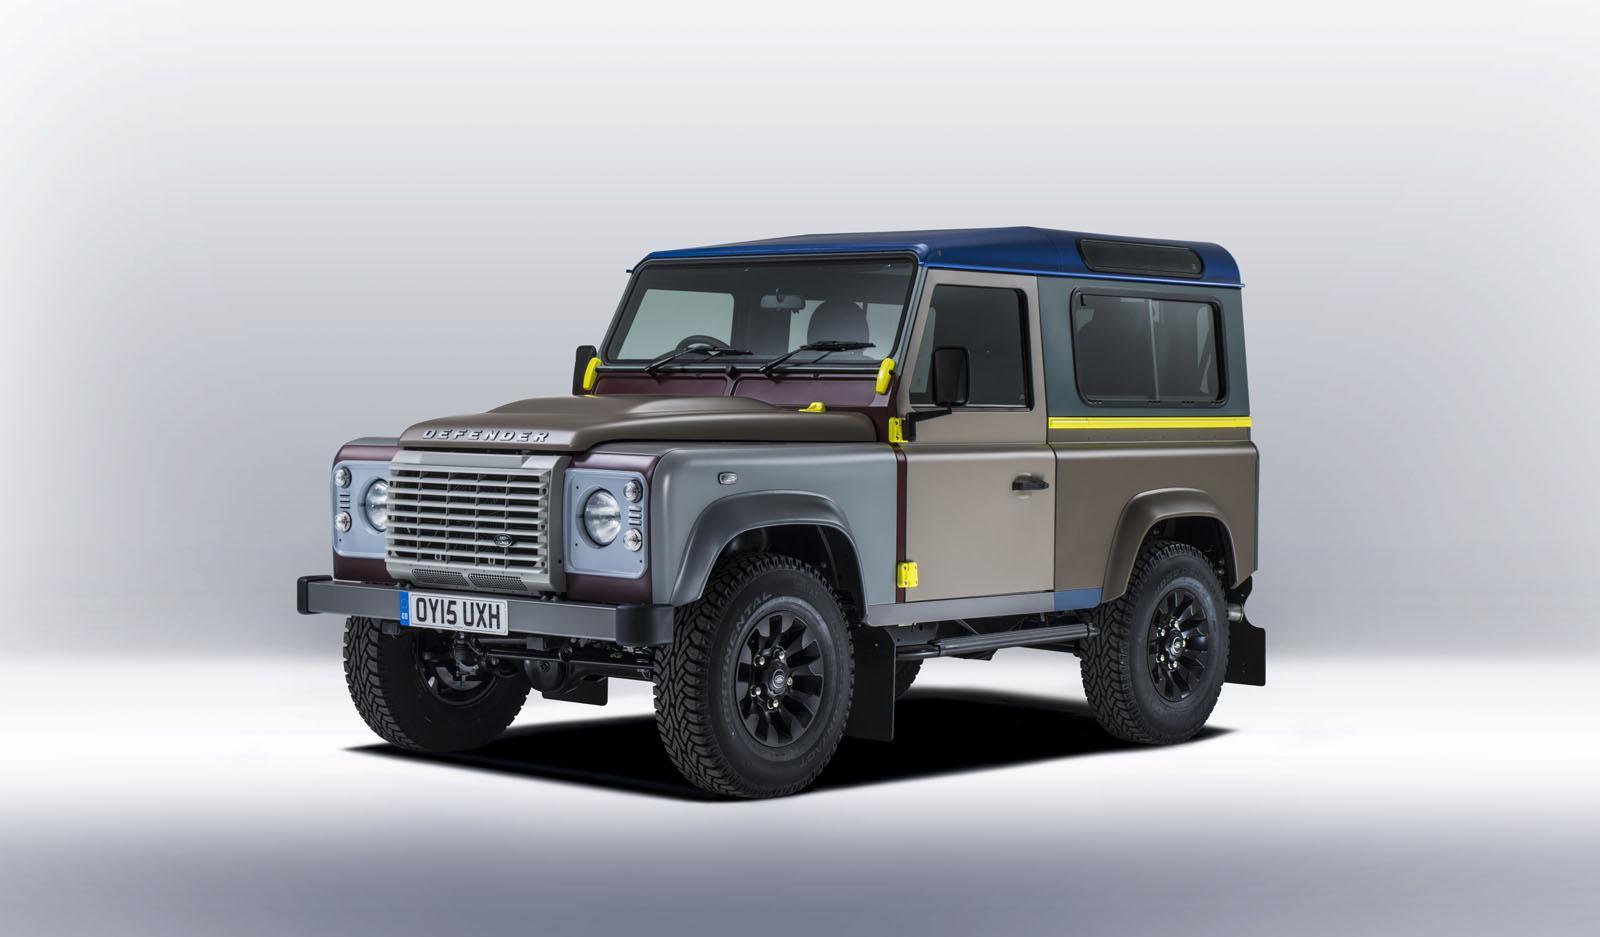 Land Rover və məhşur modelyer-dizayner Paul Smit birgə layihəsi